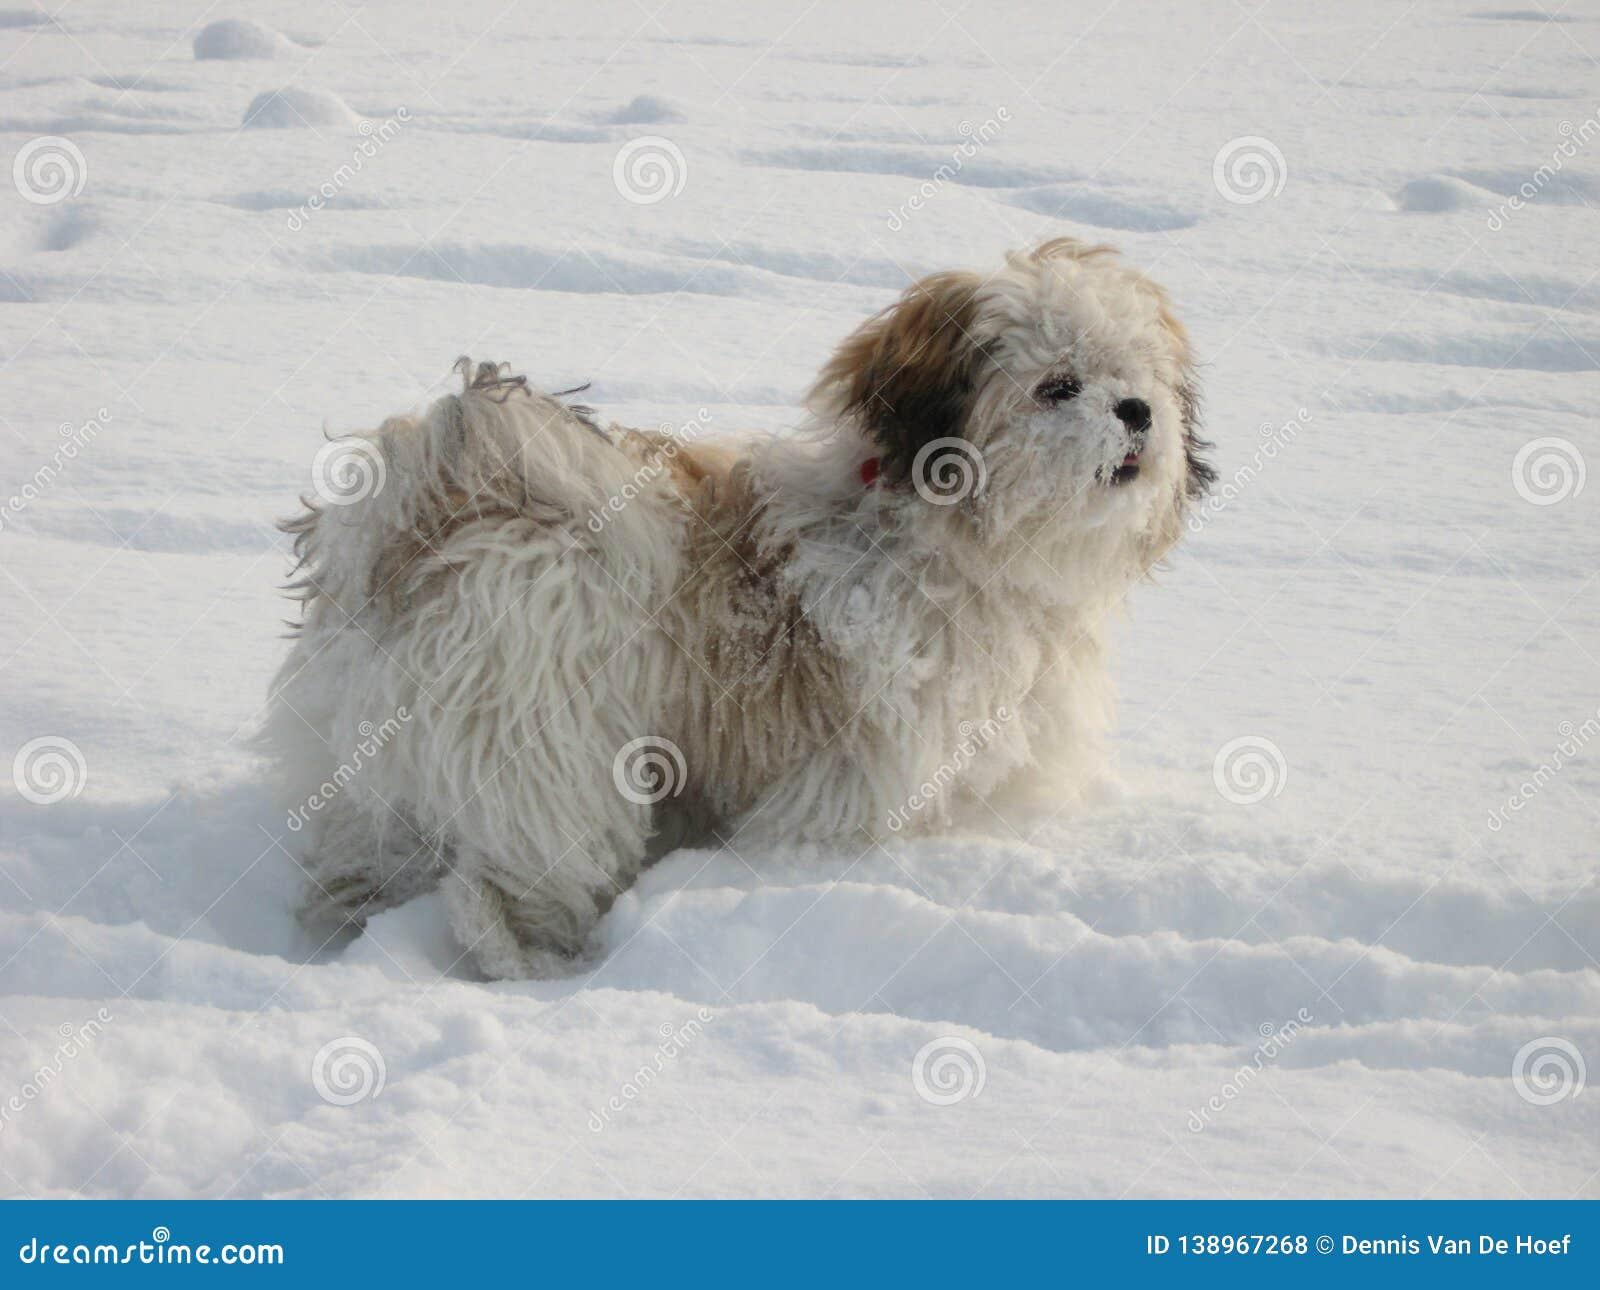 Shih tzu in the snow.